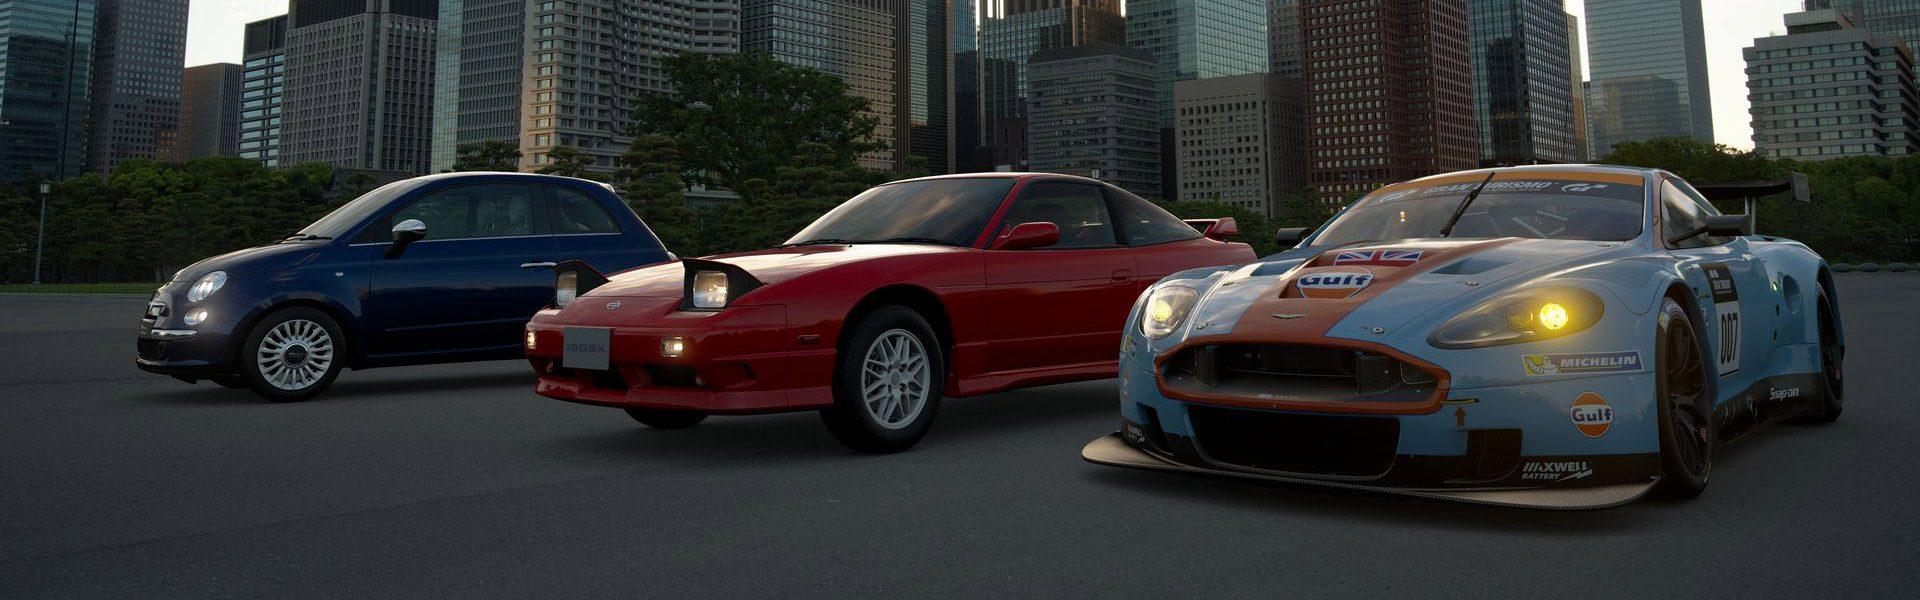 Llegan A Gran Turismo Sport Tres Nuevos Coches Que Incluyen El Aston Martin Dbr9 Gt1 Playstation Blog En Espanol